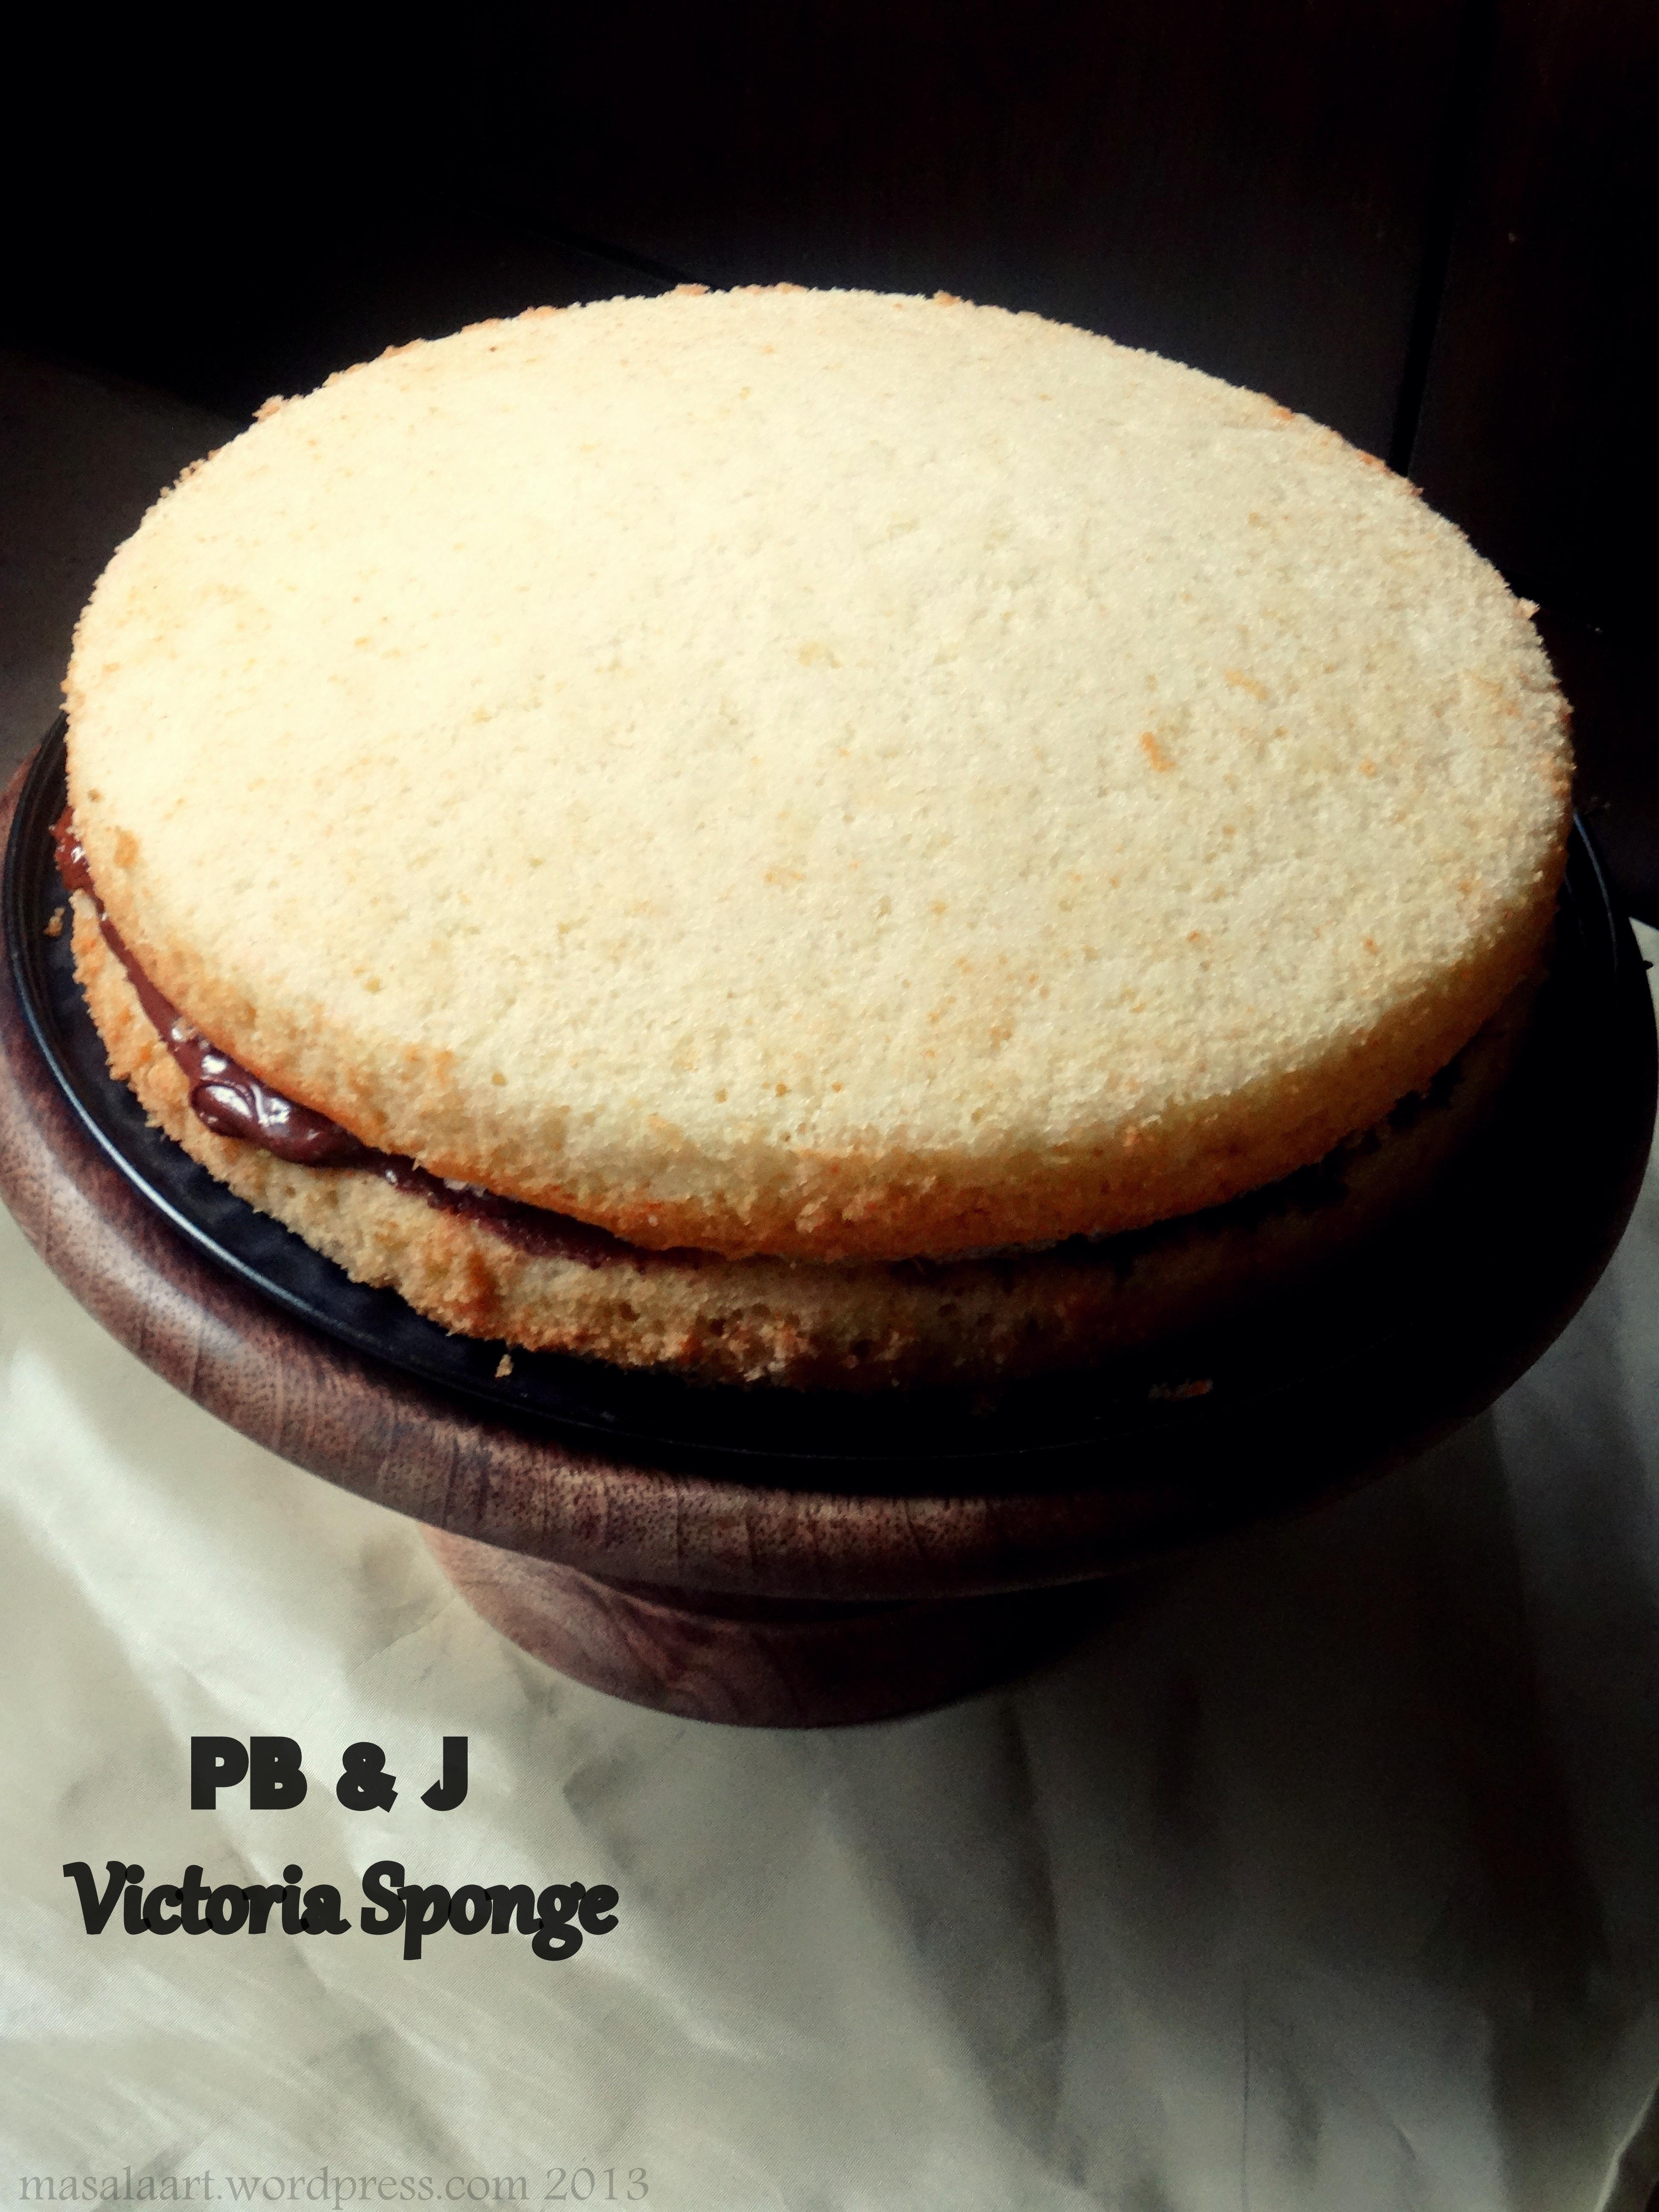 How Do You Make A Lemon Sponge Cake